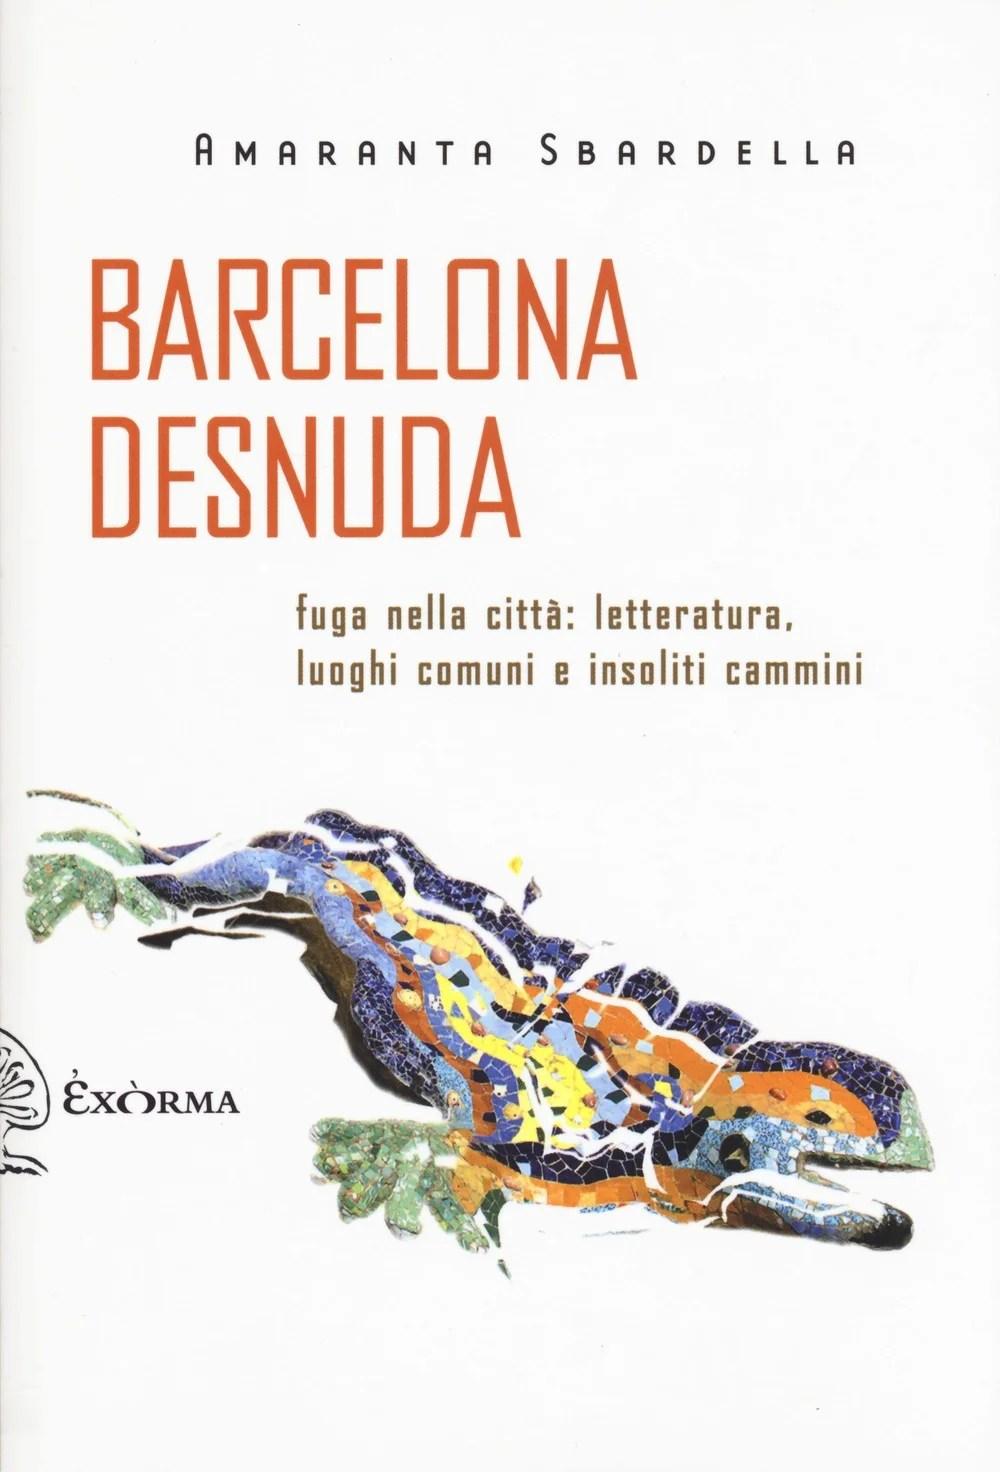 Recensione di Barcelona Desnuda – Amaranta Sbardella